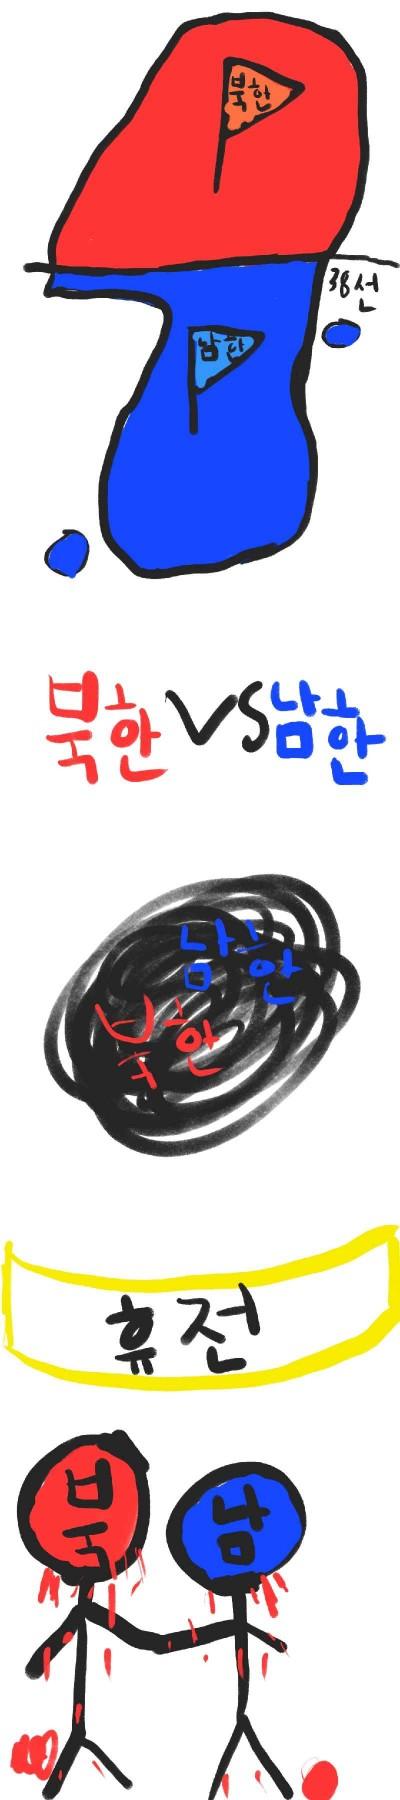 6.25 전쟁을 기억합시다.(2)   yeon6332   Digital Drawing   PENUP